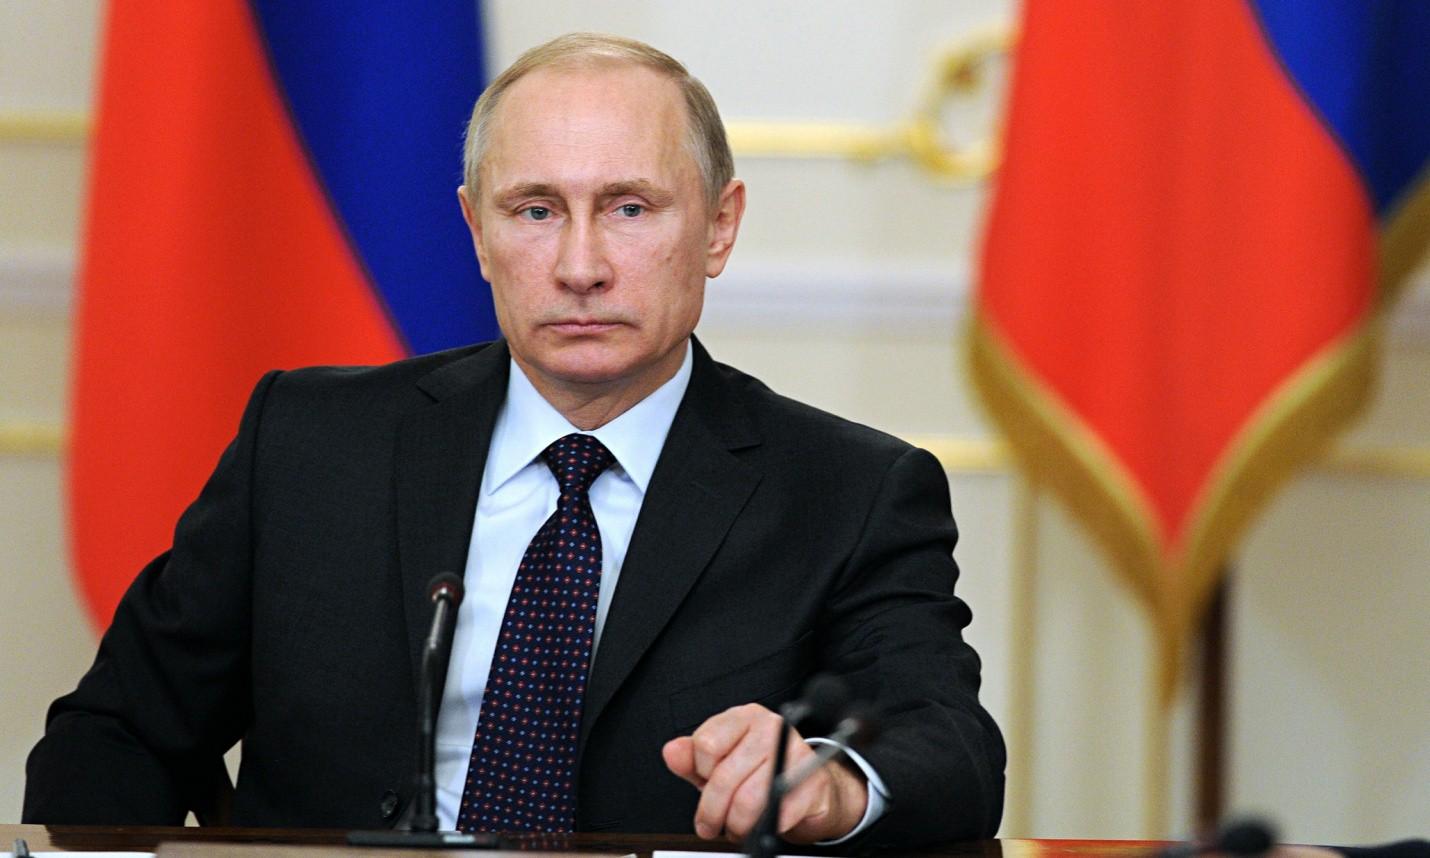 Владимир Путин: традиции взаимовыручки стран СНГ останутся надёжной основой безопасности региона